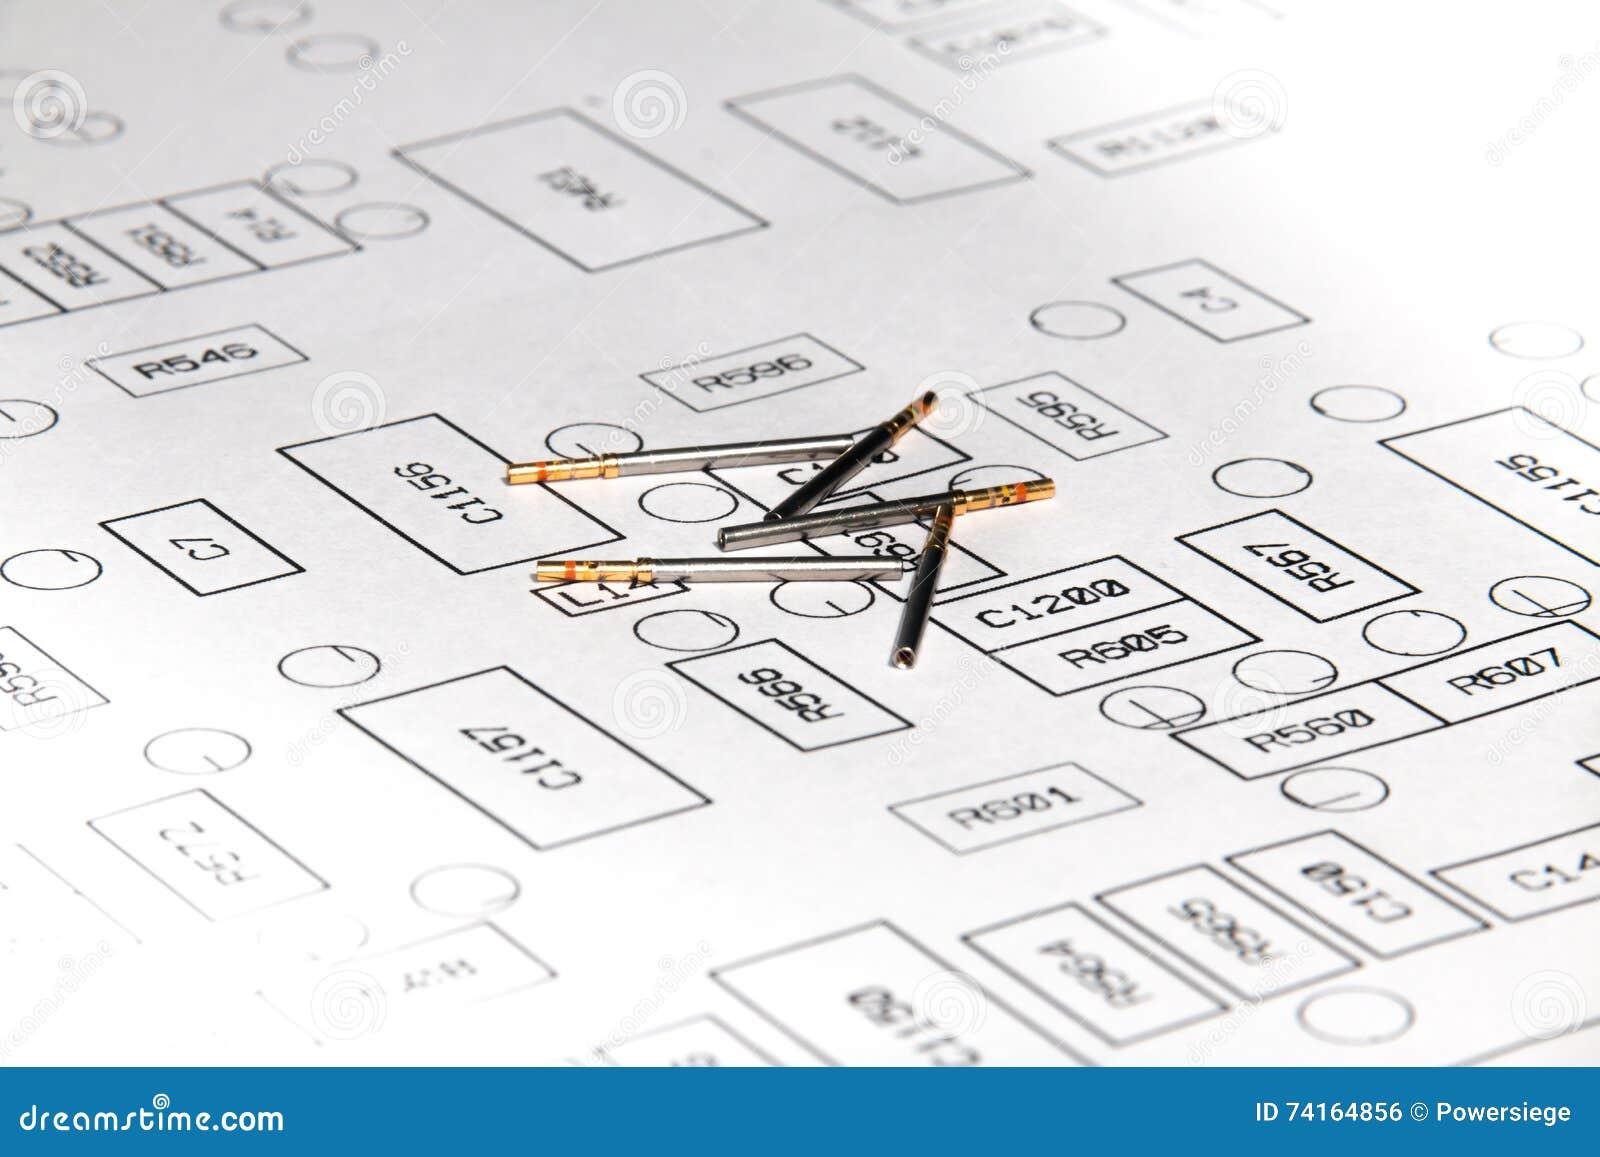 Ausgezeichnet Wie Man Den Elektrischen Plan Schätzt Bilder ...